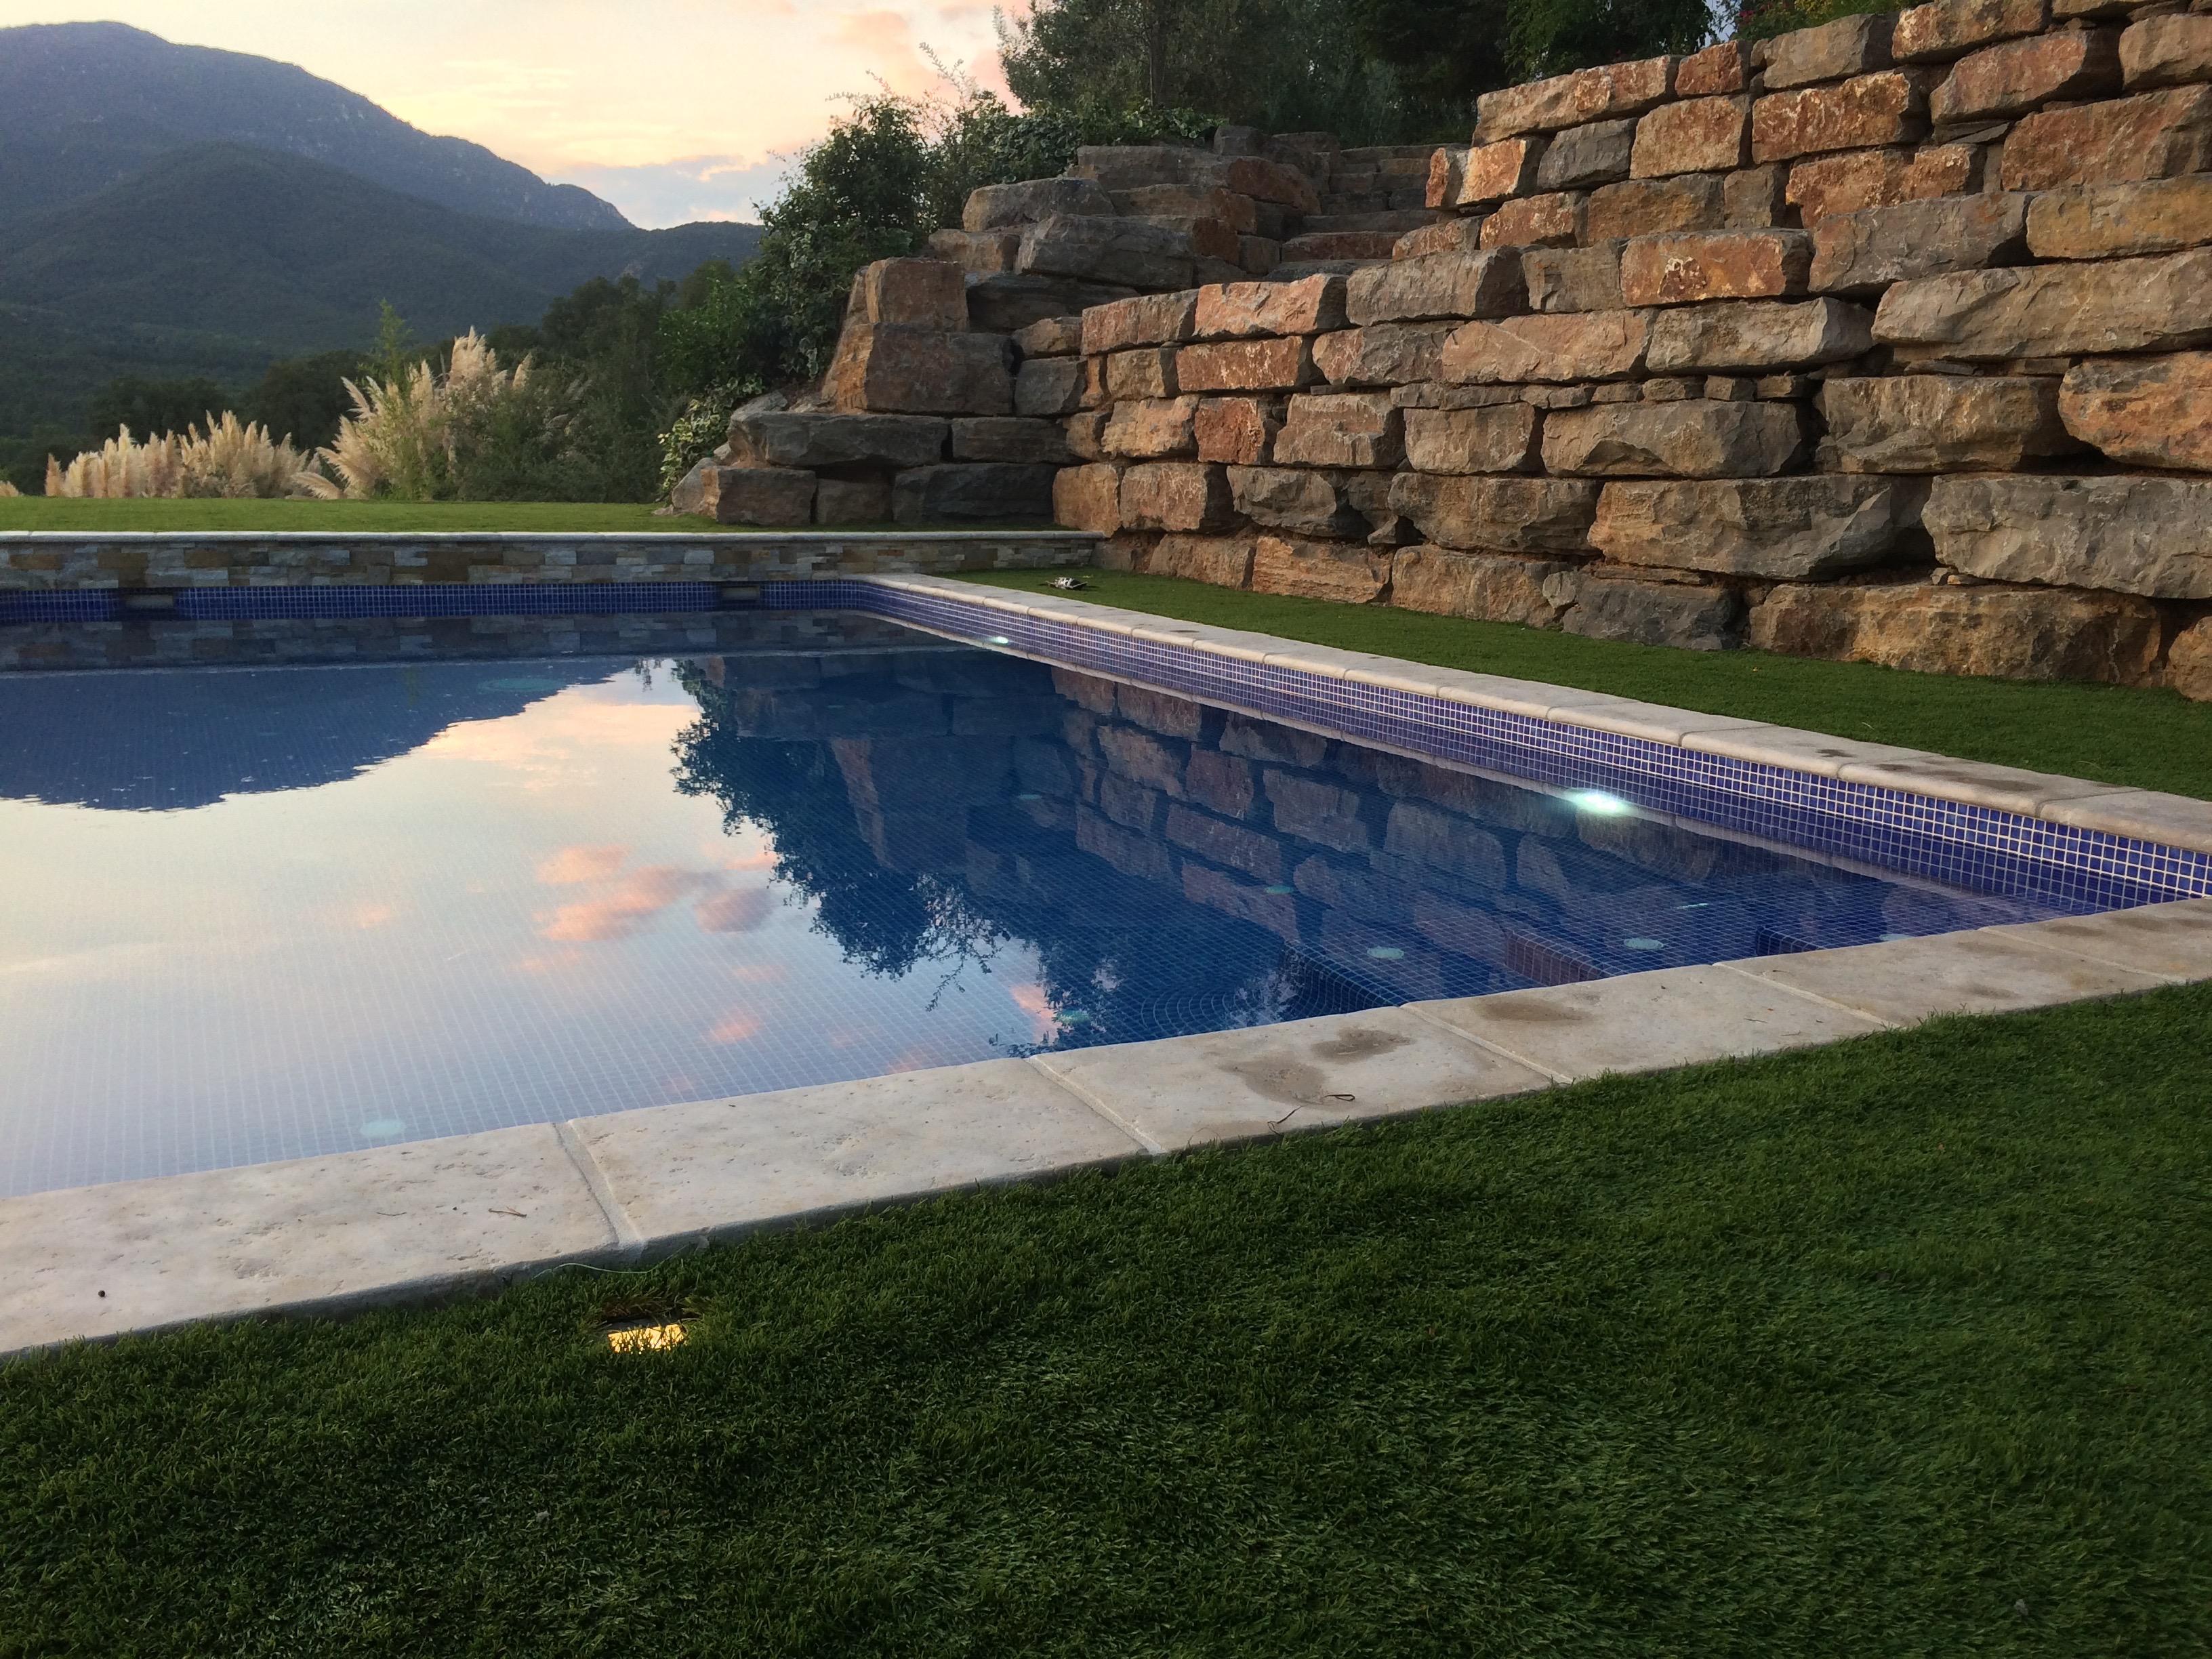 Construcci n de piscinas piscinas aop for Construccion de piscinas temperadas